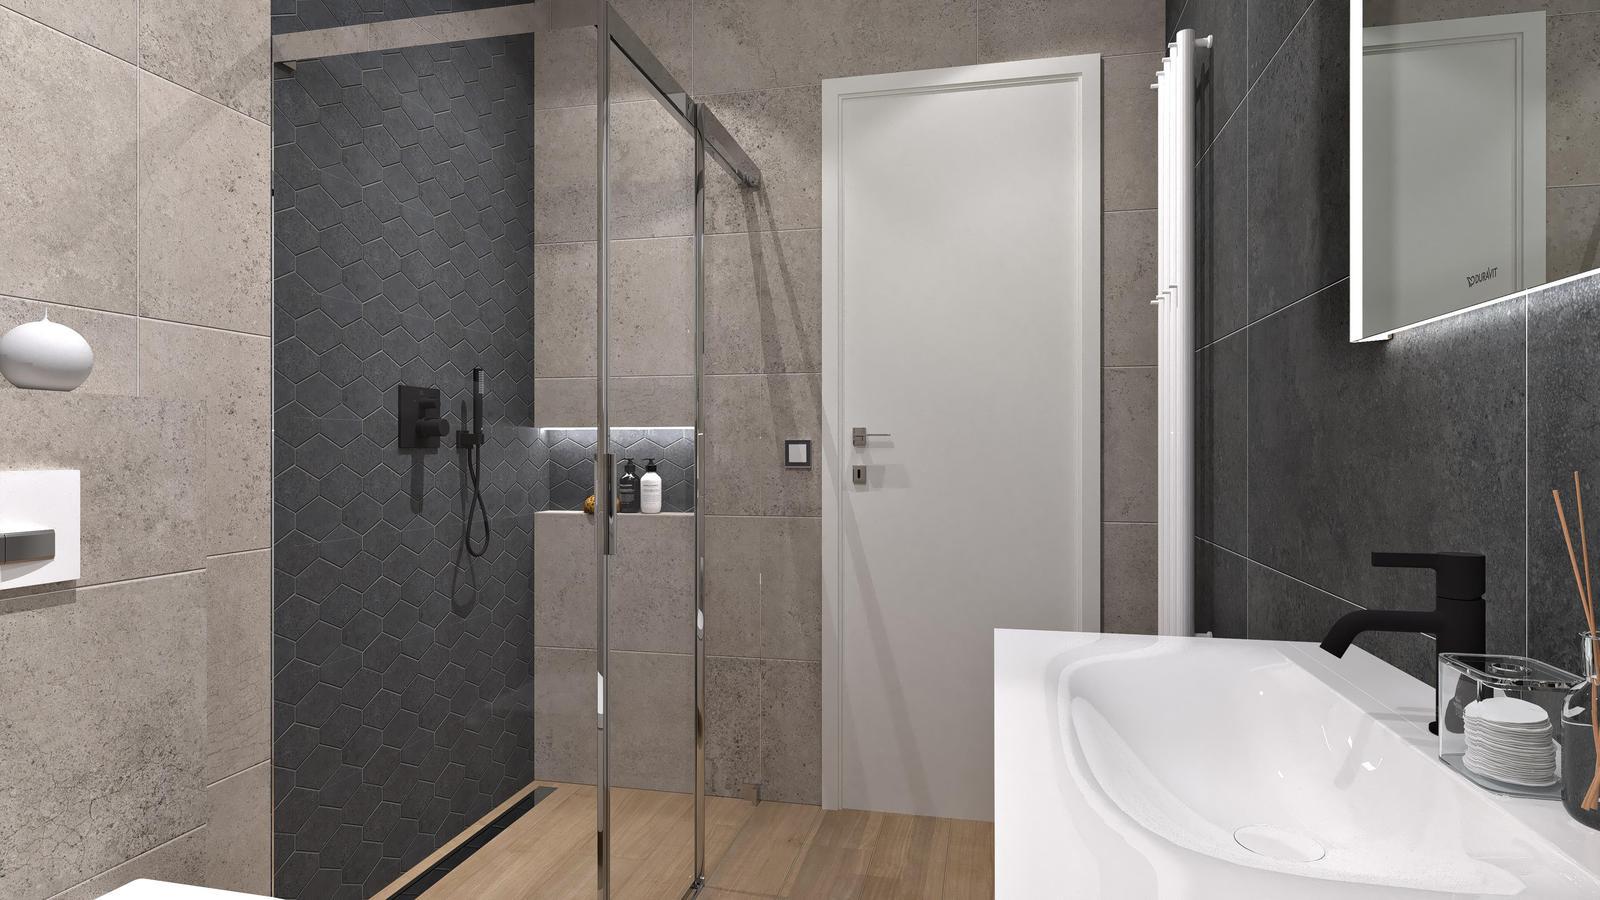 Návrhy kúpeľní 2021 - Obrázok č. 15